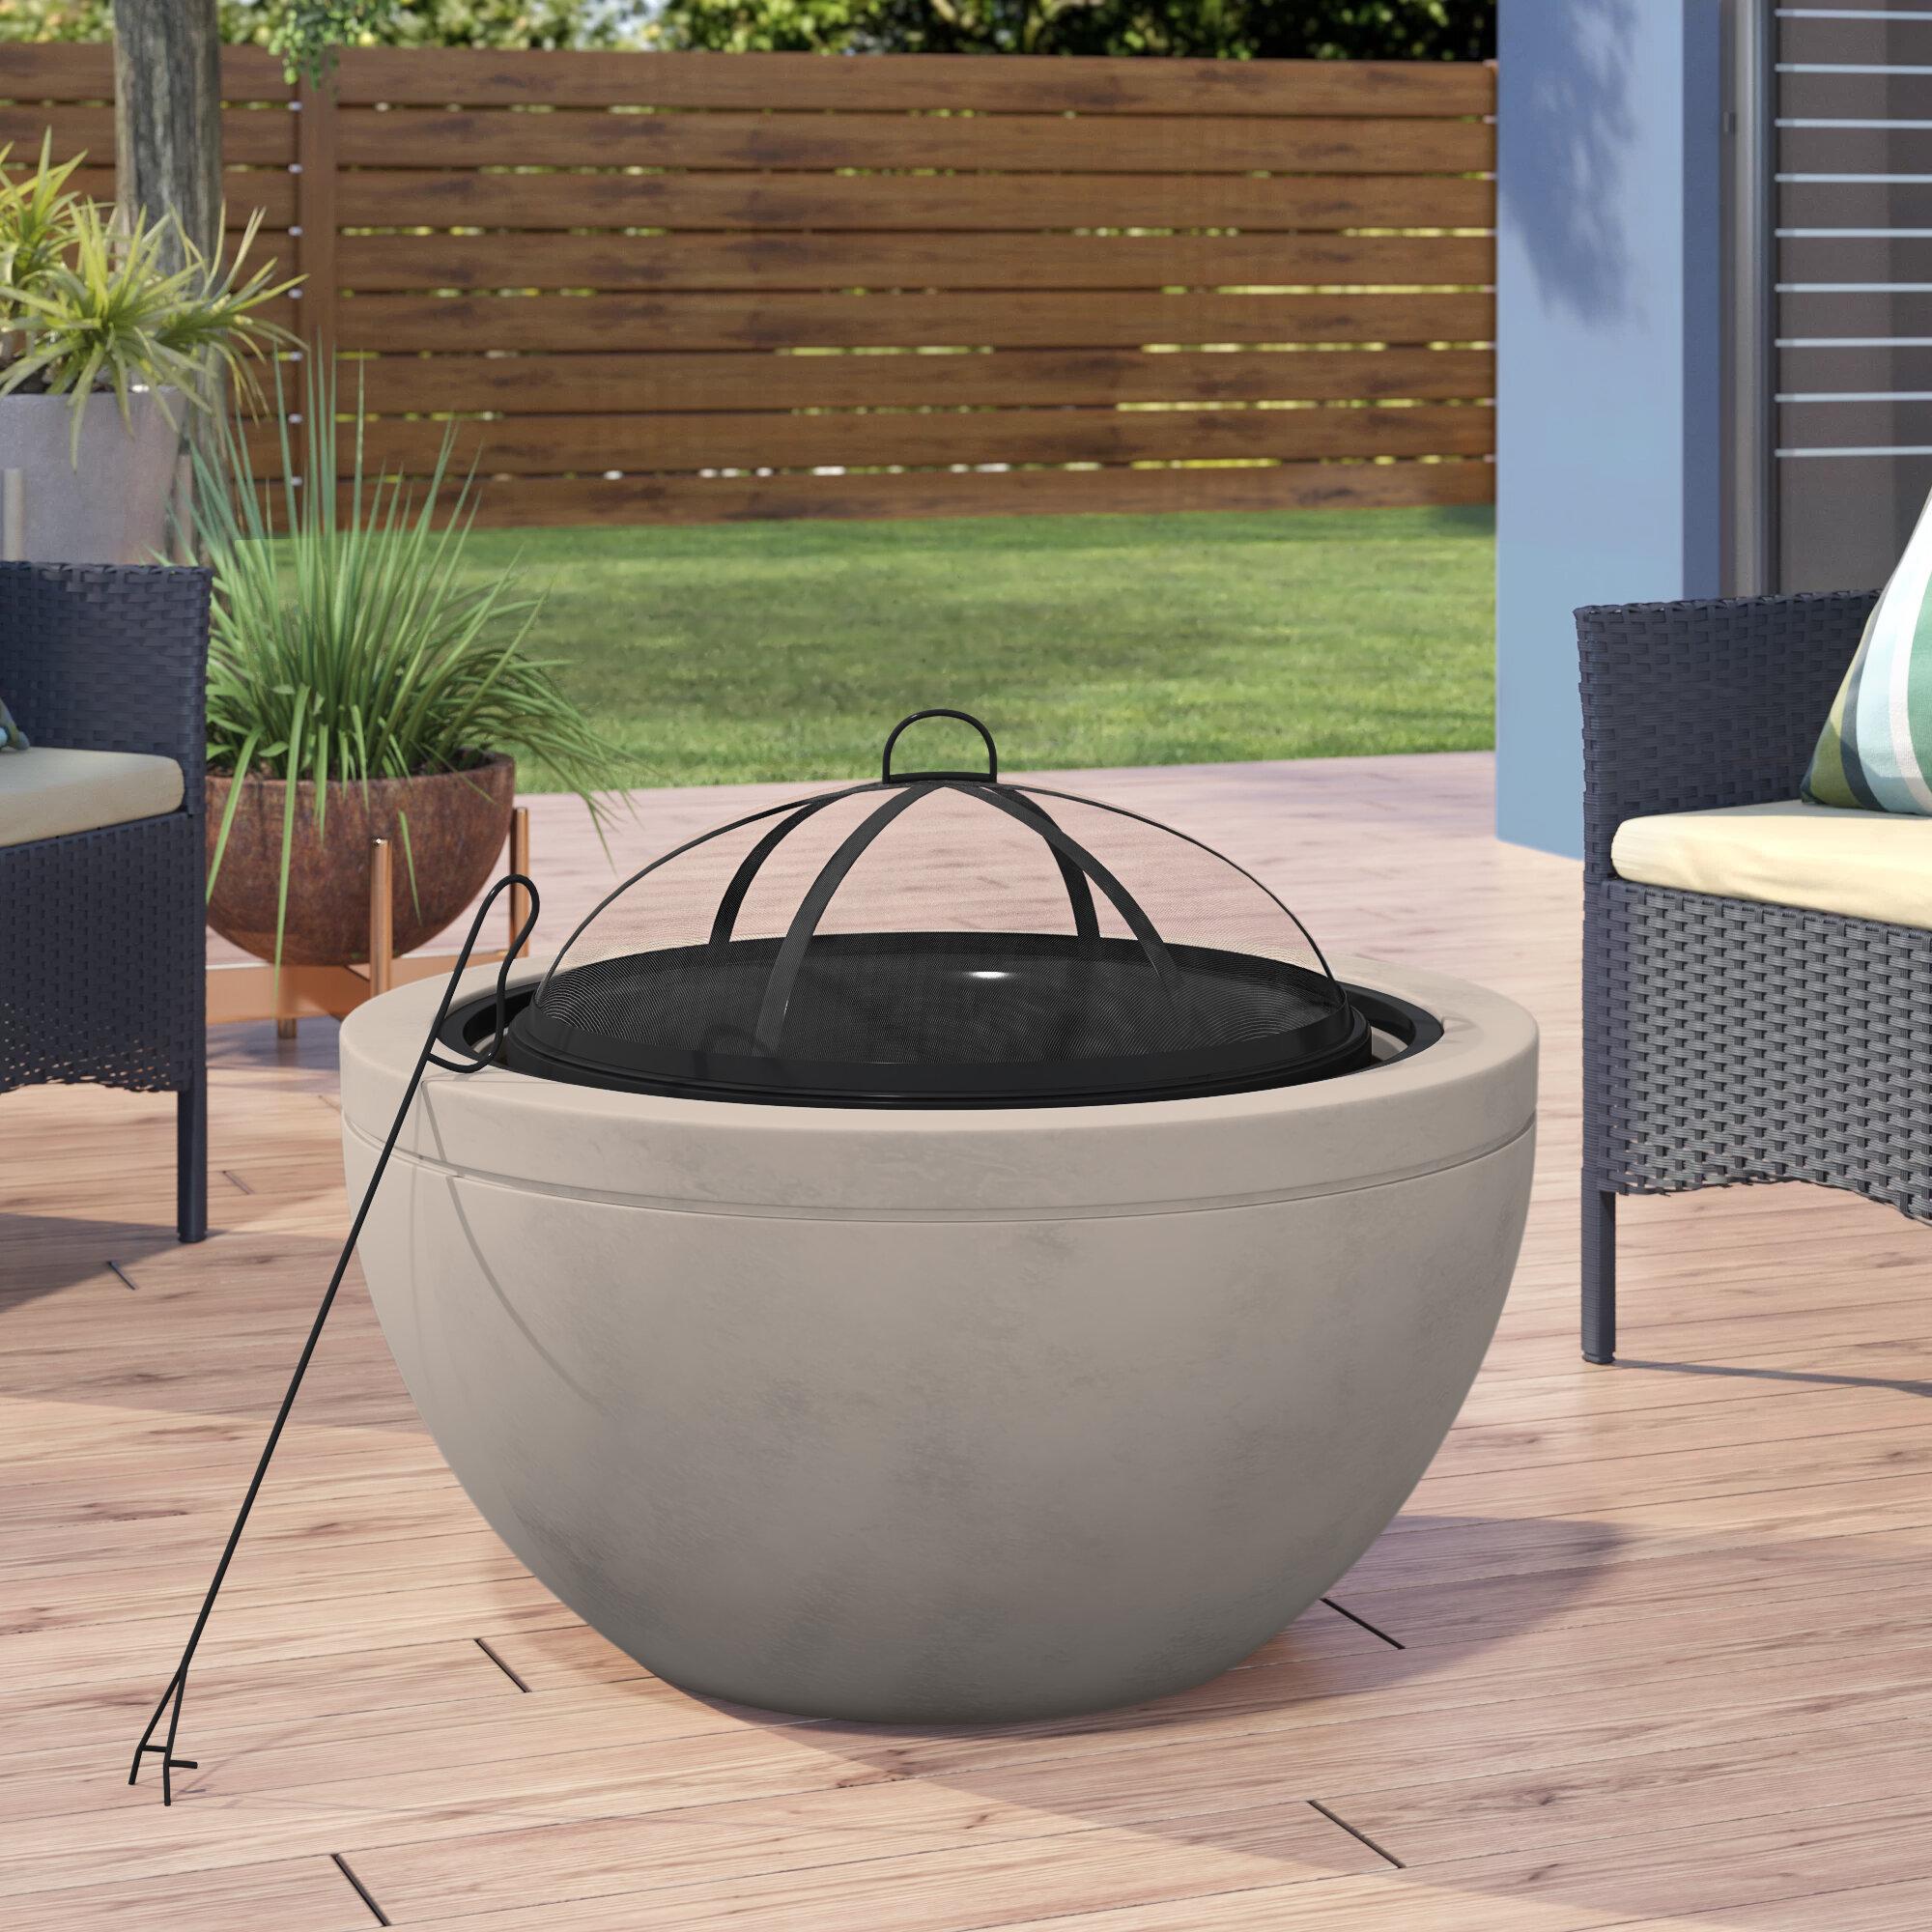 Ebern Designs Colis Concrete Wood Burning Fire Pit Reviews Wayfair